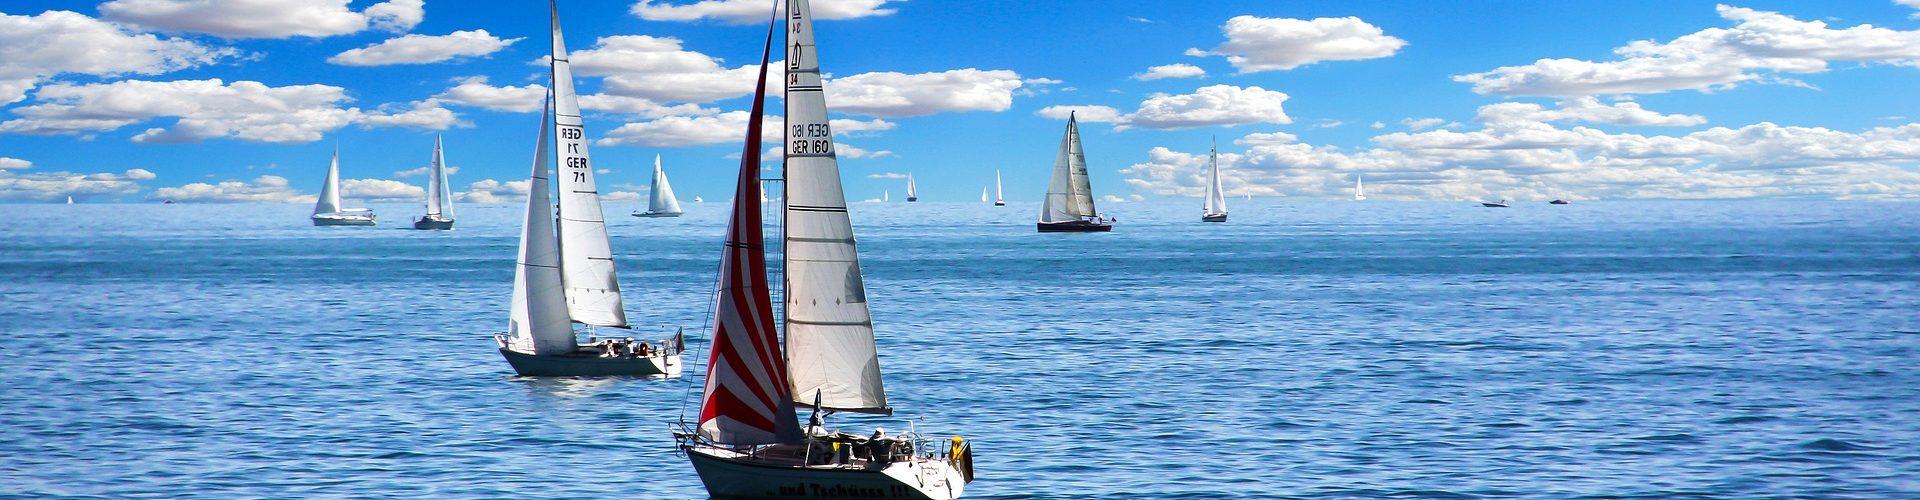 segeln lernen in Jülich segelschein machen in Jülich 1920x500 - Segeln lernen in Jülich